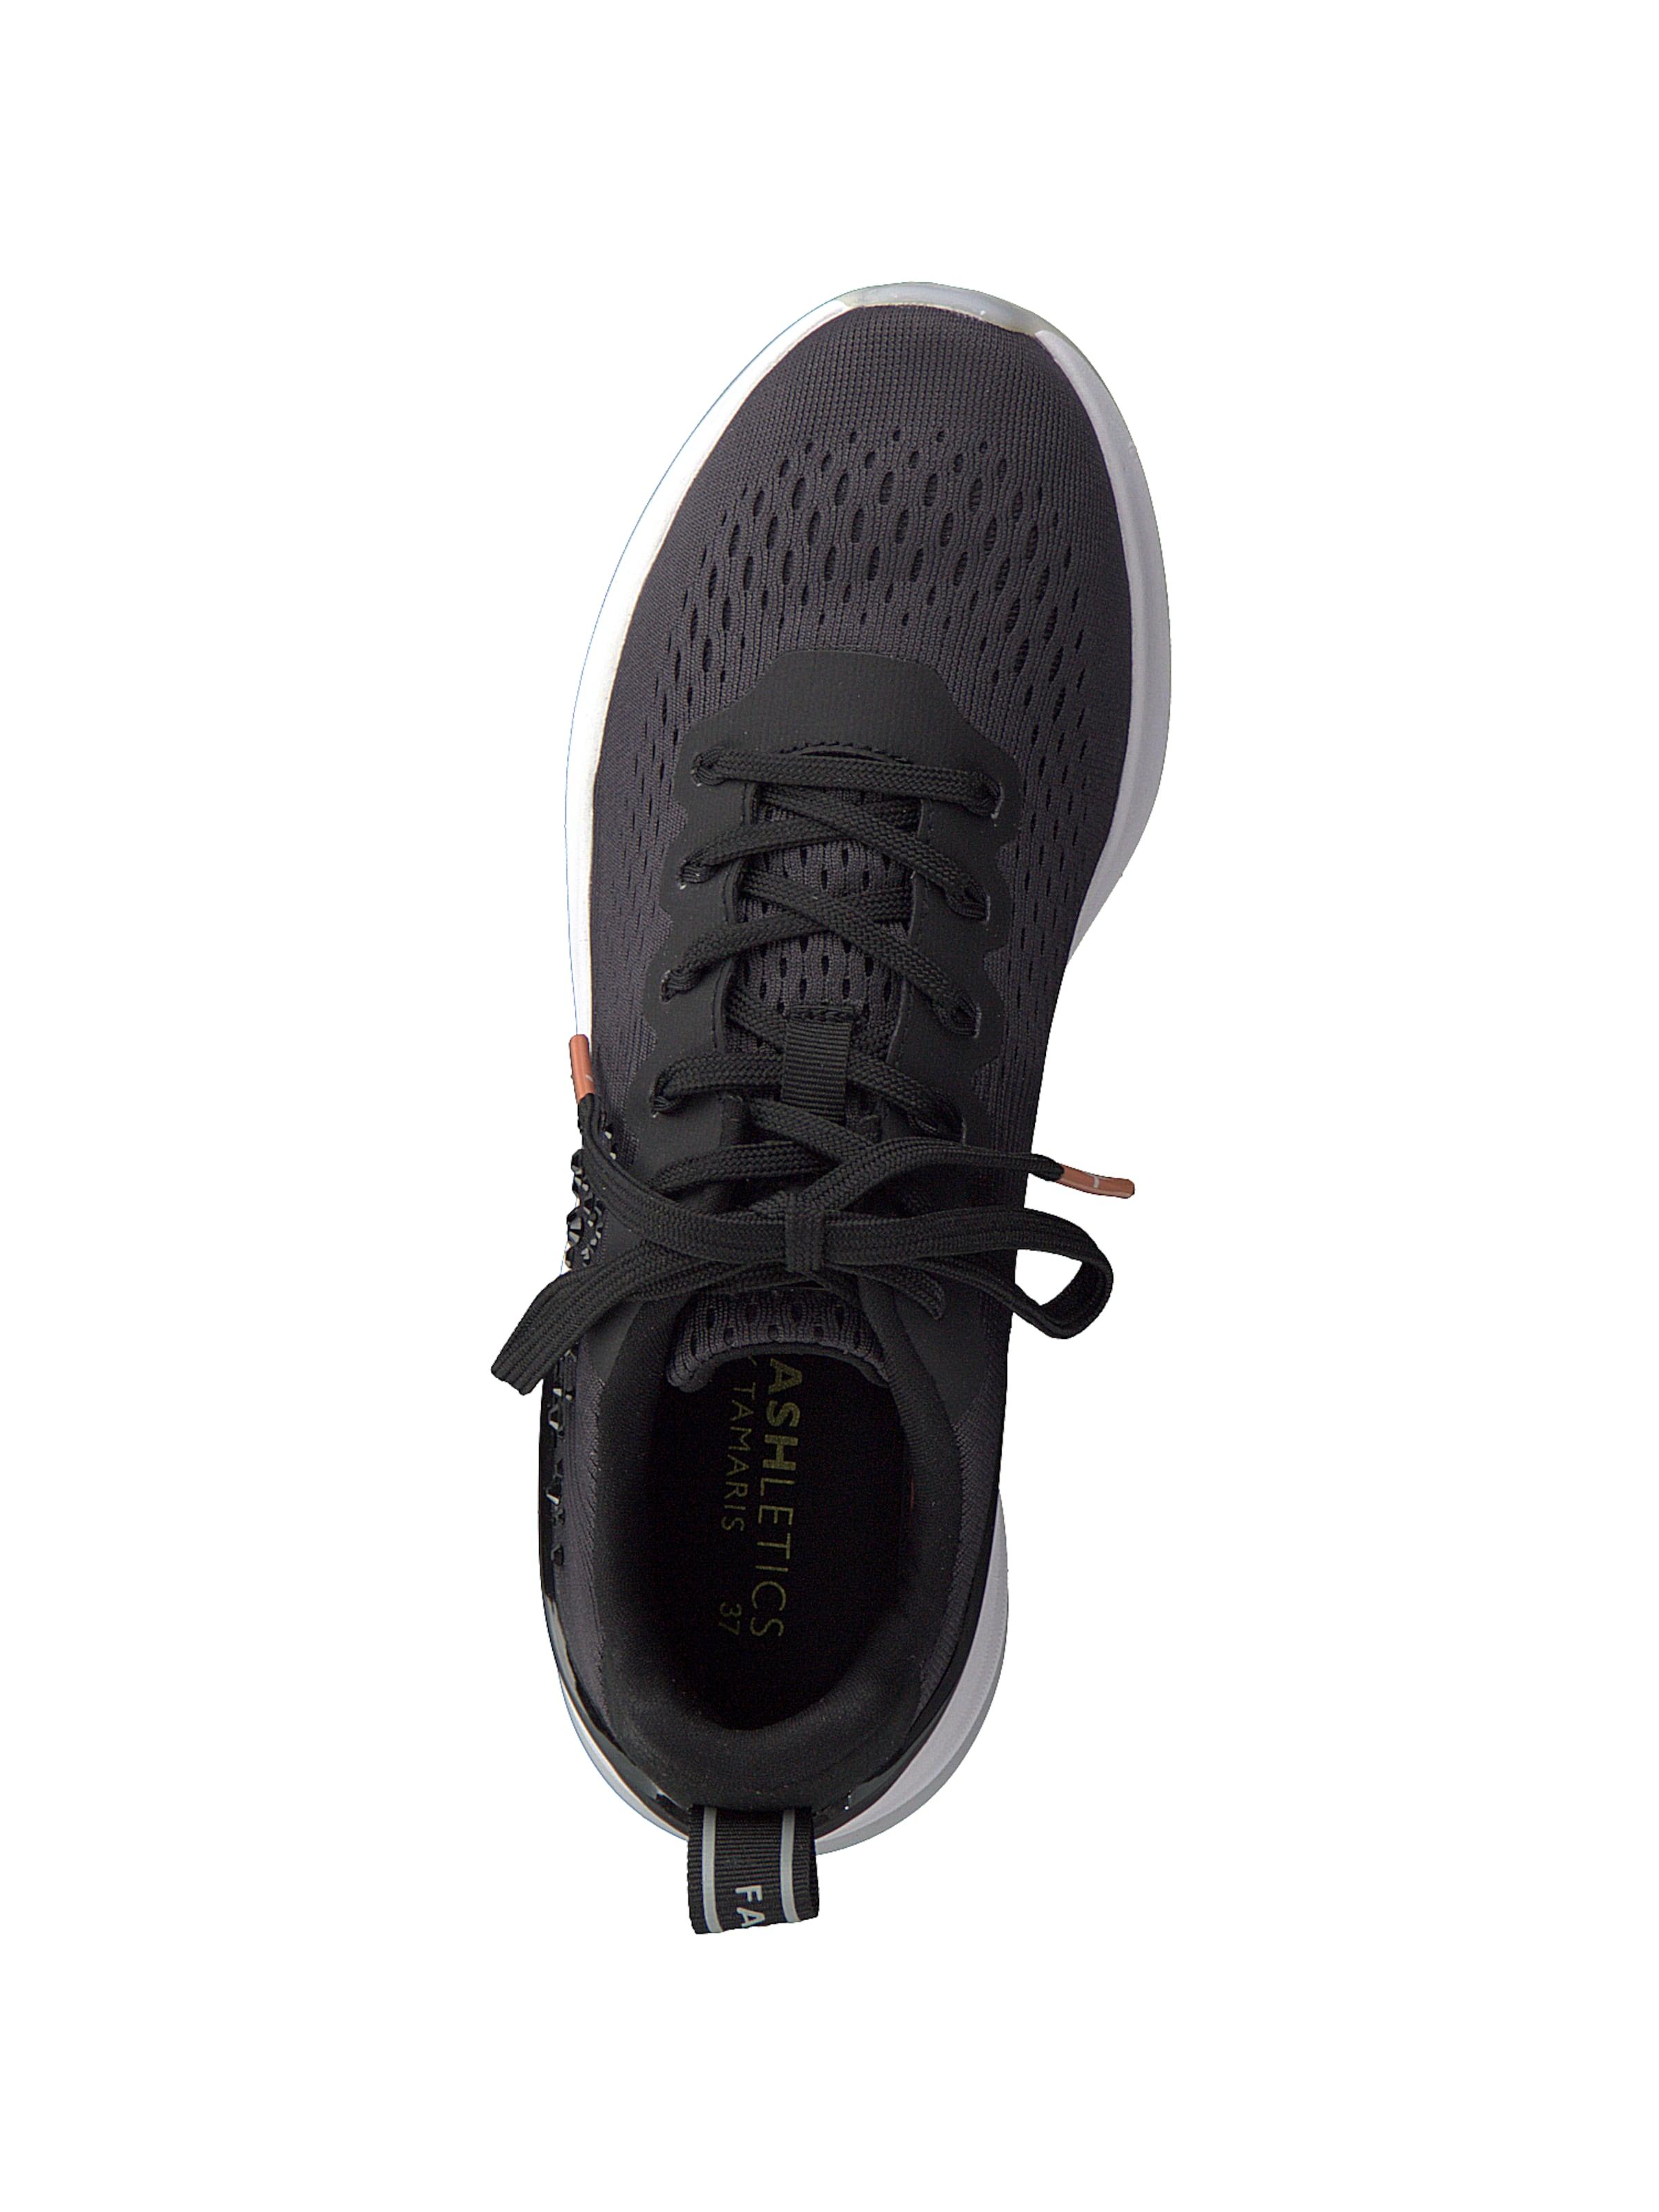 Sneaker Schwarz Tamaris Sneaker Tamaris In Schwarz Tamaris In In Sneaker 0OPkn8w